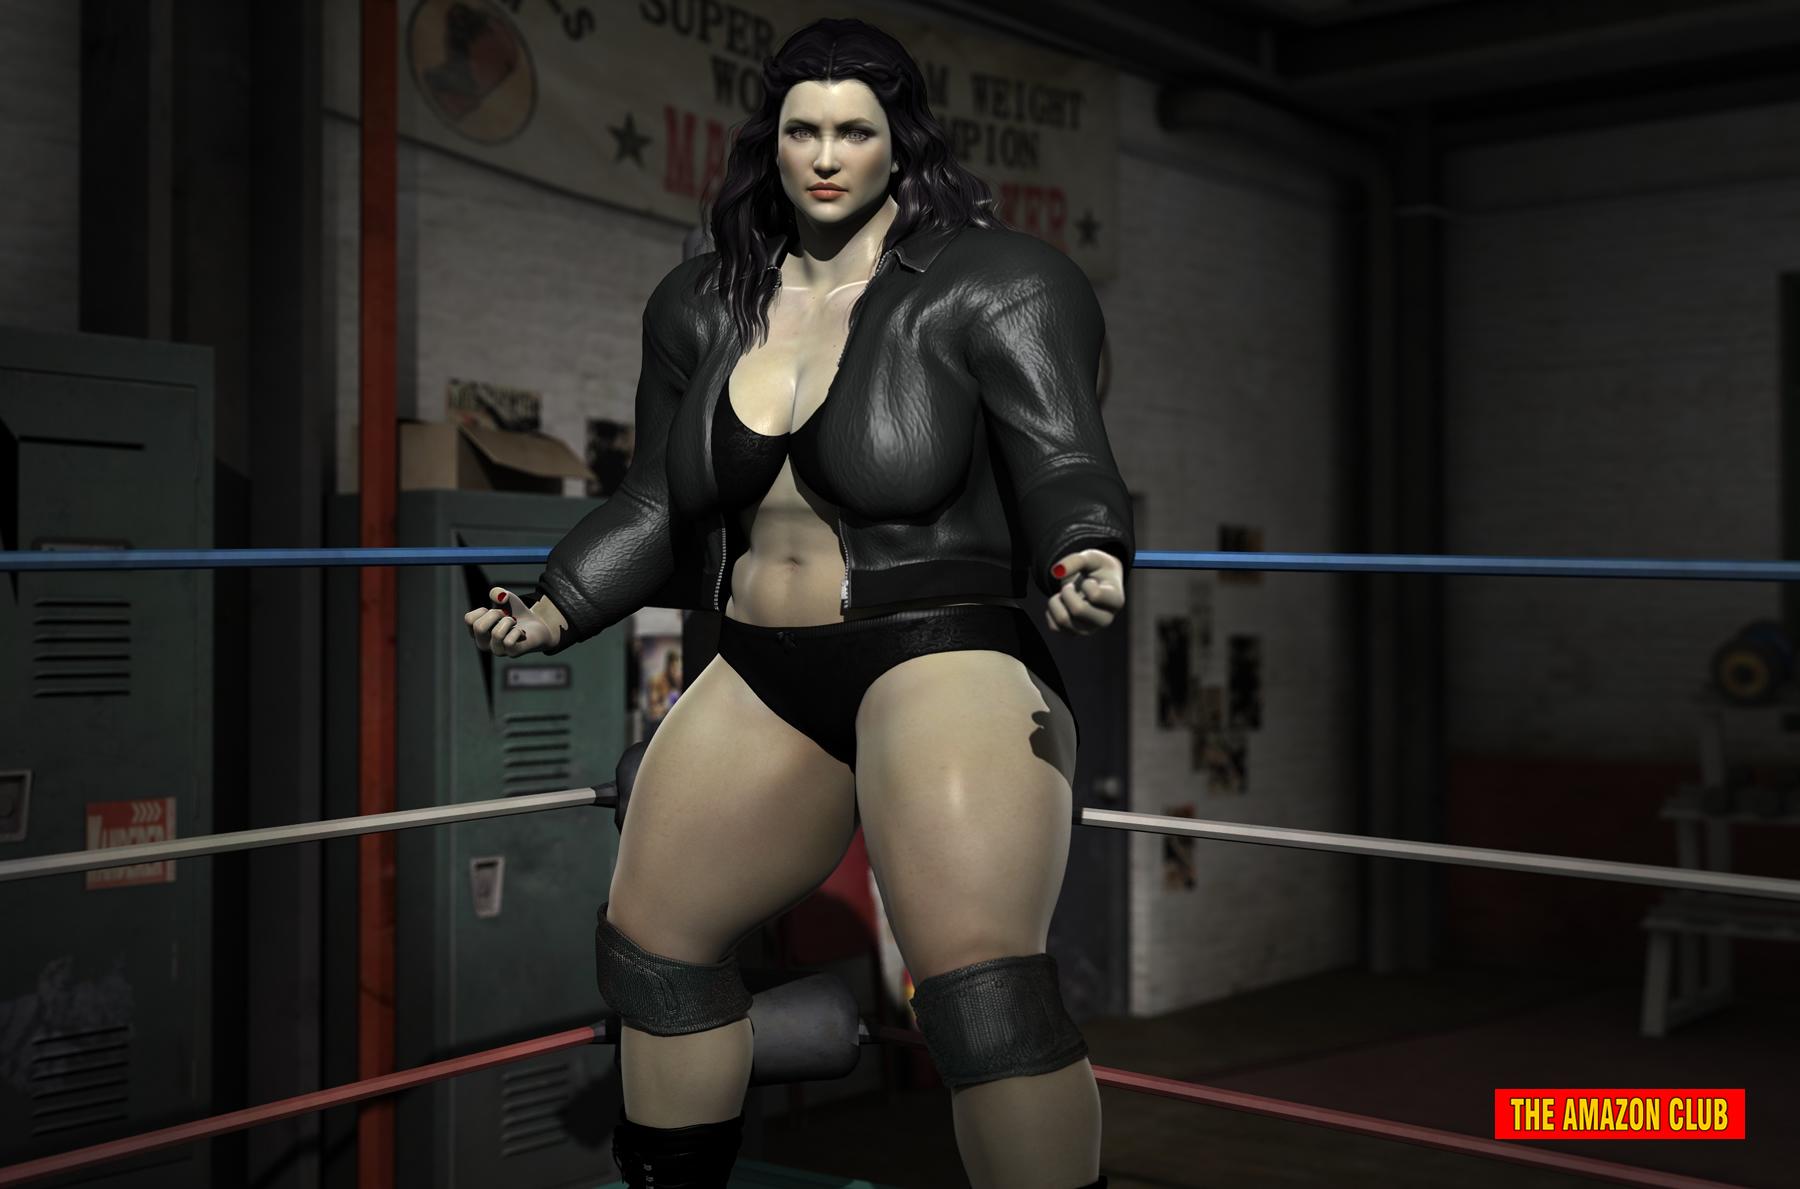 Sexy Bodybuilder Wrestler 52